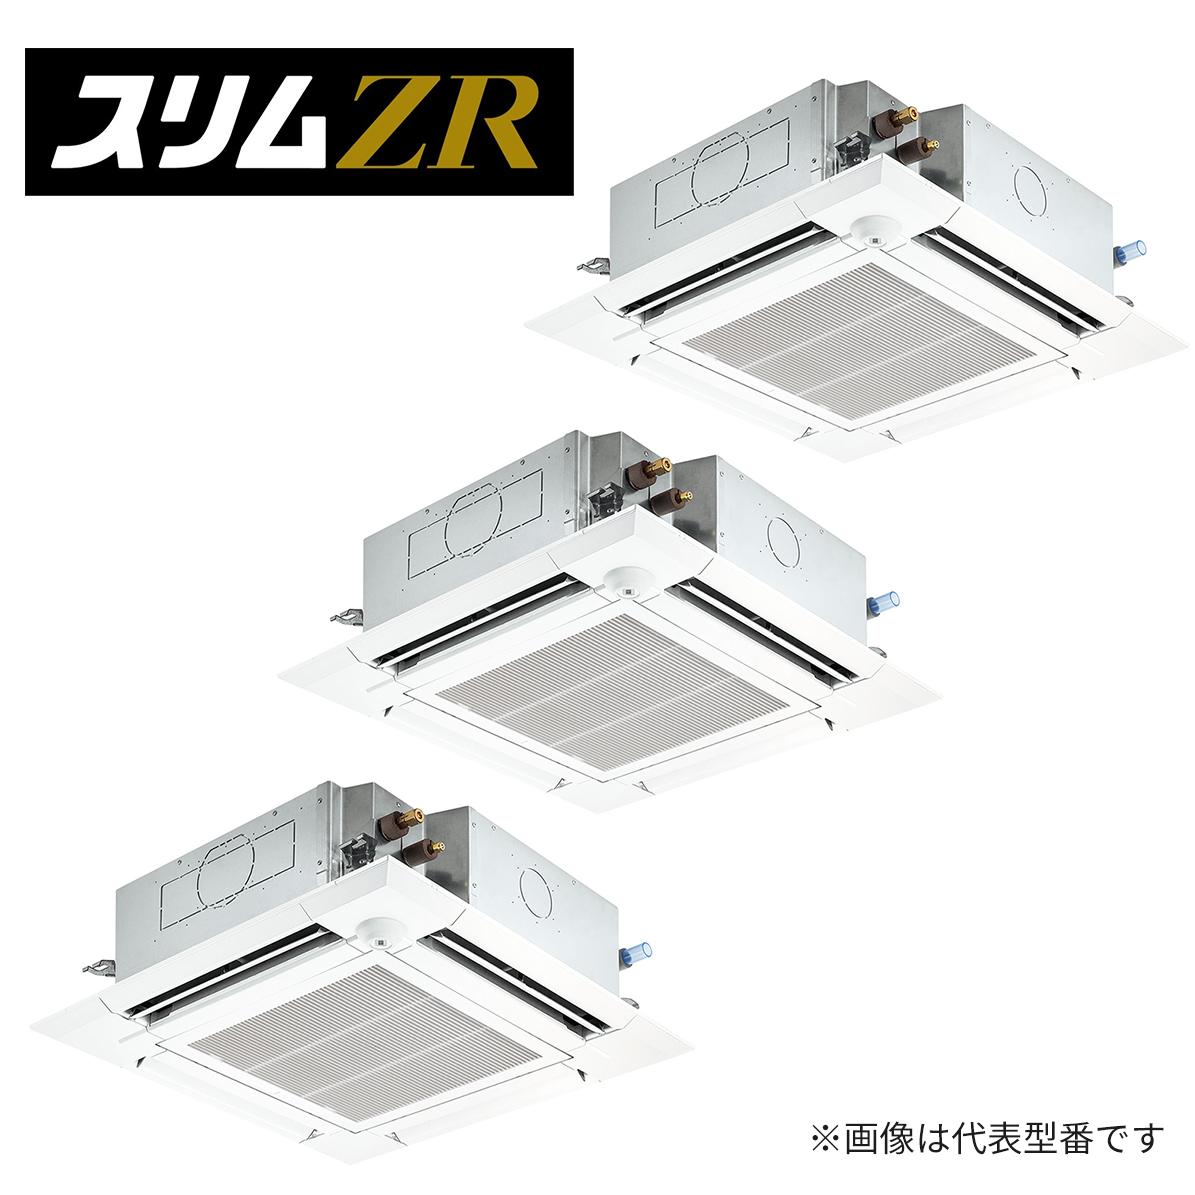 ###三菱 業務用エアコン【PLZT-ZRMP160EFR】スリムZR 4方向天井カセット形(ファインパワーカセット) 同時トリプル ワイヤード 三相200V 6馬力